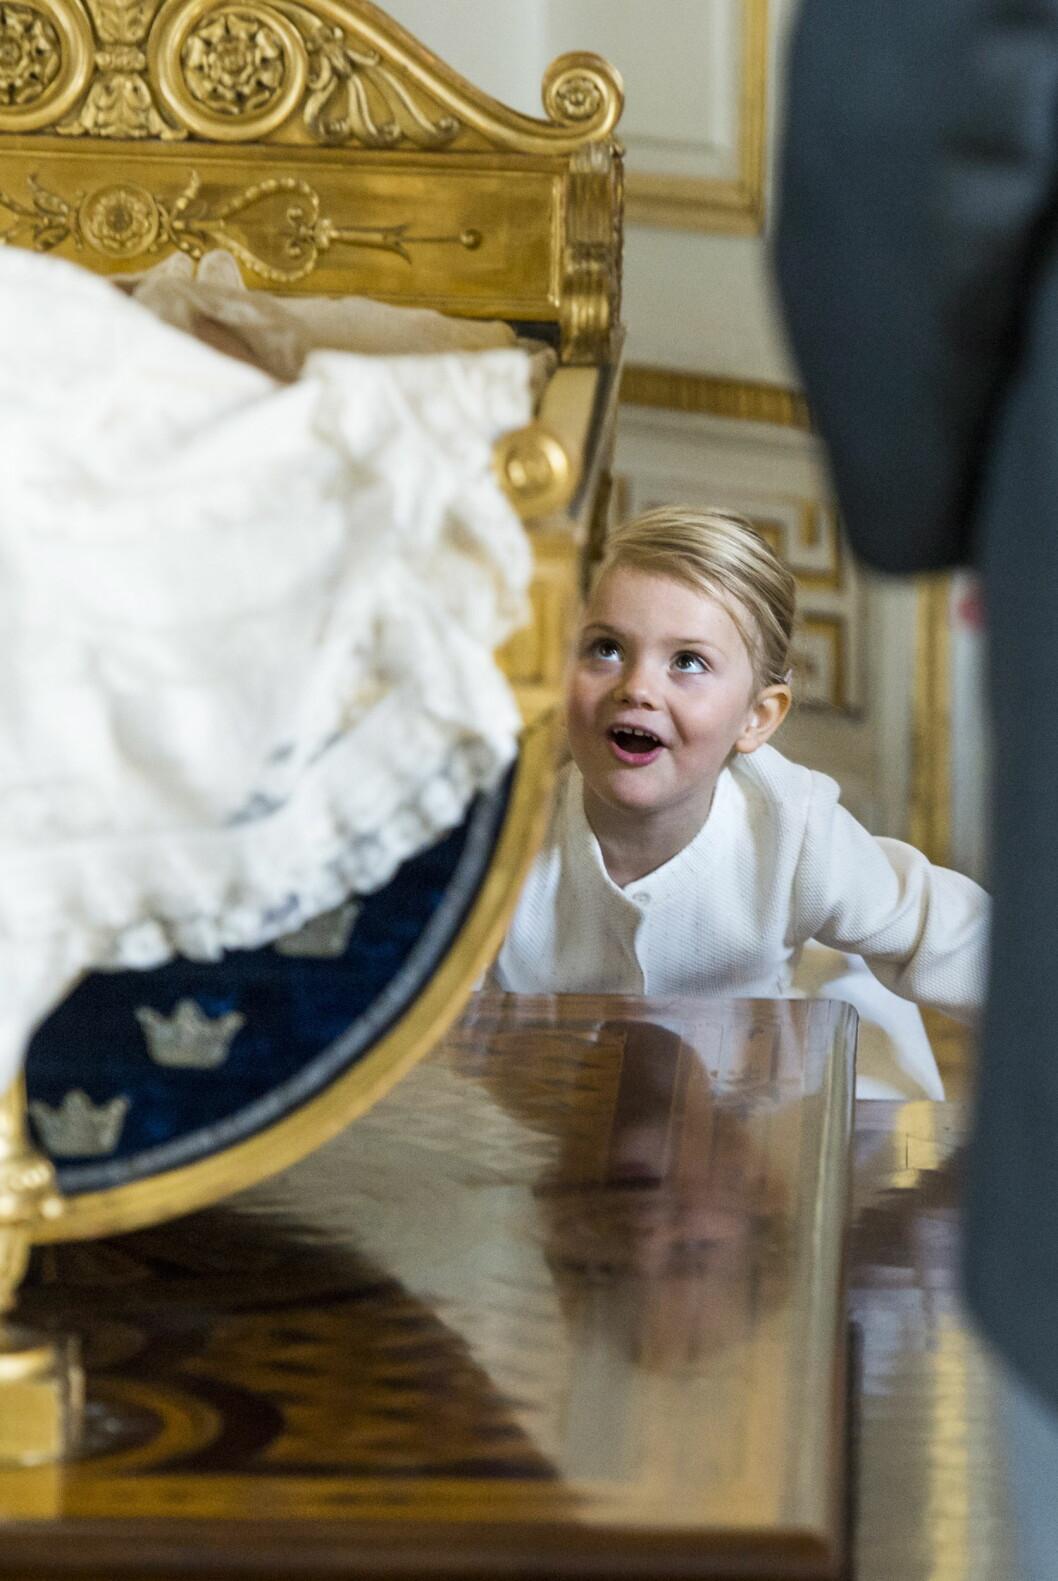 SNART DÅP: Her lurer prinsesse Estelle ved prins Nicholas kryppe etter dåpen. Snart skal hun døpe lillebror. Foto: NTBScanpix